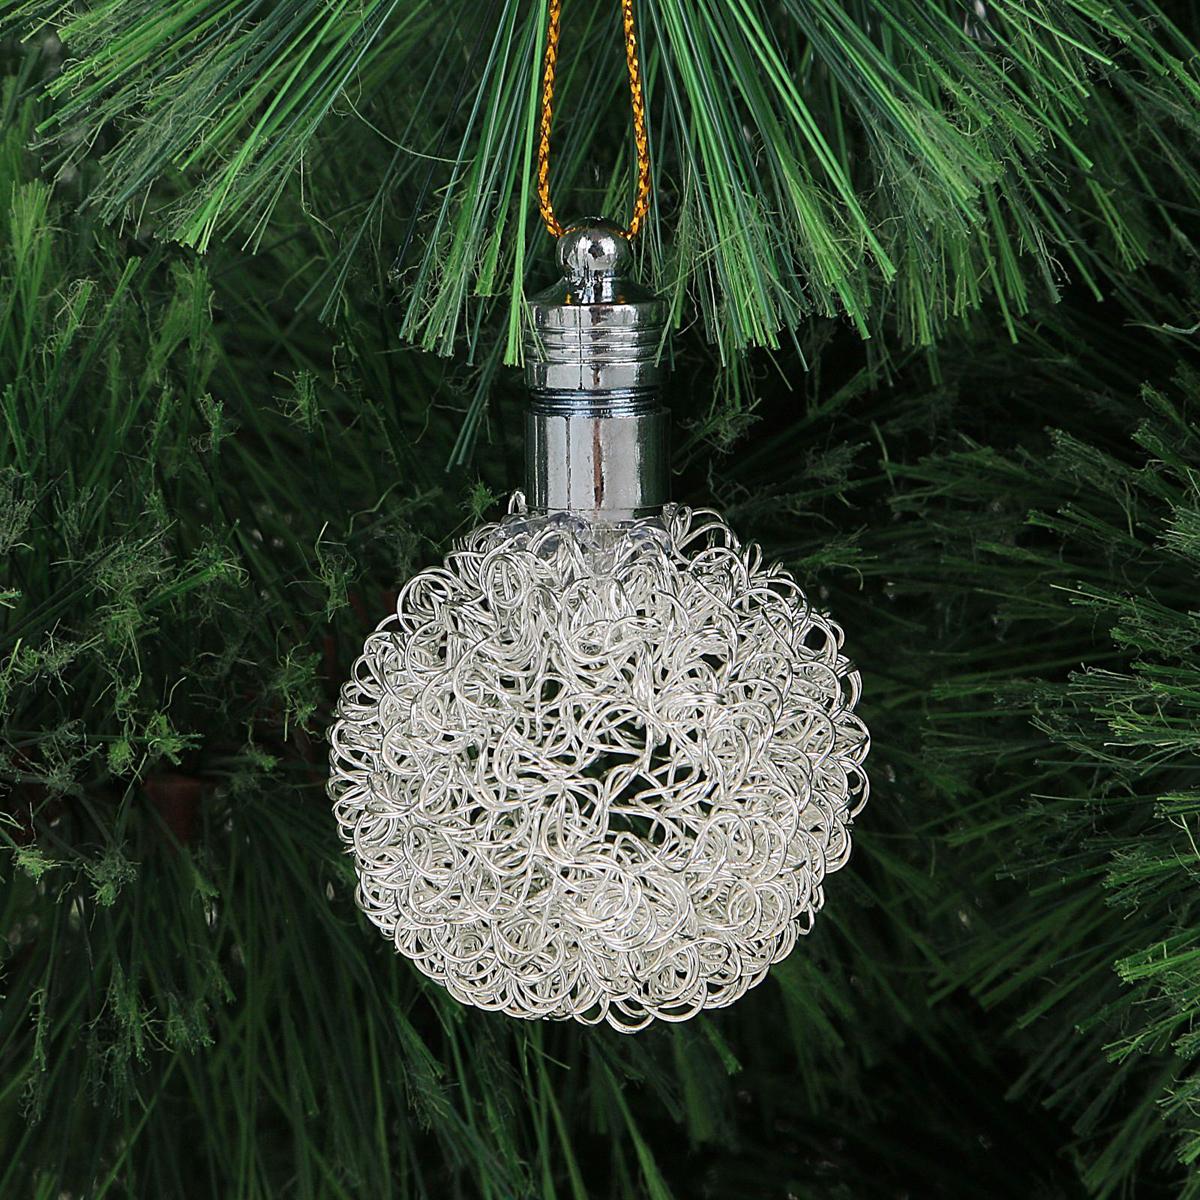 Украшение новогоднее подвесное Luazon Lighting Шарик, световое, цвет: серебристый, 6 см2327187Световая новогодняя подвеска Luazon Lighting выполнена из металла в виде шарика. Елочное украшение выглядит как простая елочная игрушка днем, но при этом остается видимой вечером. Просто включите изделие с наступлением темноты, и оно украсит елку огоньками. Подвеска Luazon Lighting работает от батареек (входят в комплект) и пожаробезопасна, так как светодиоды не нагреваются, в отличие от ламп накаливания.